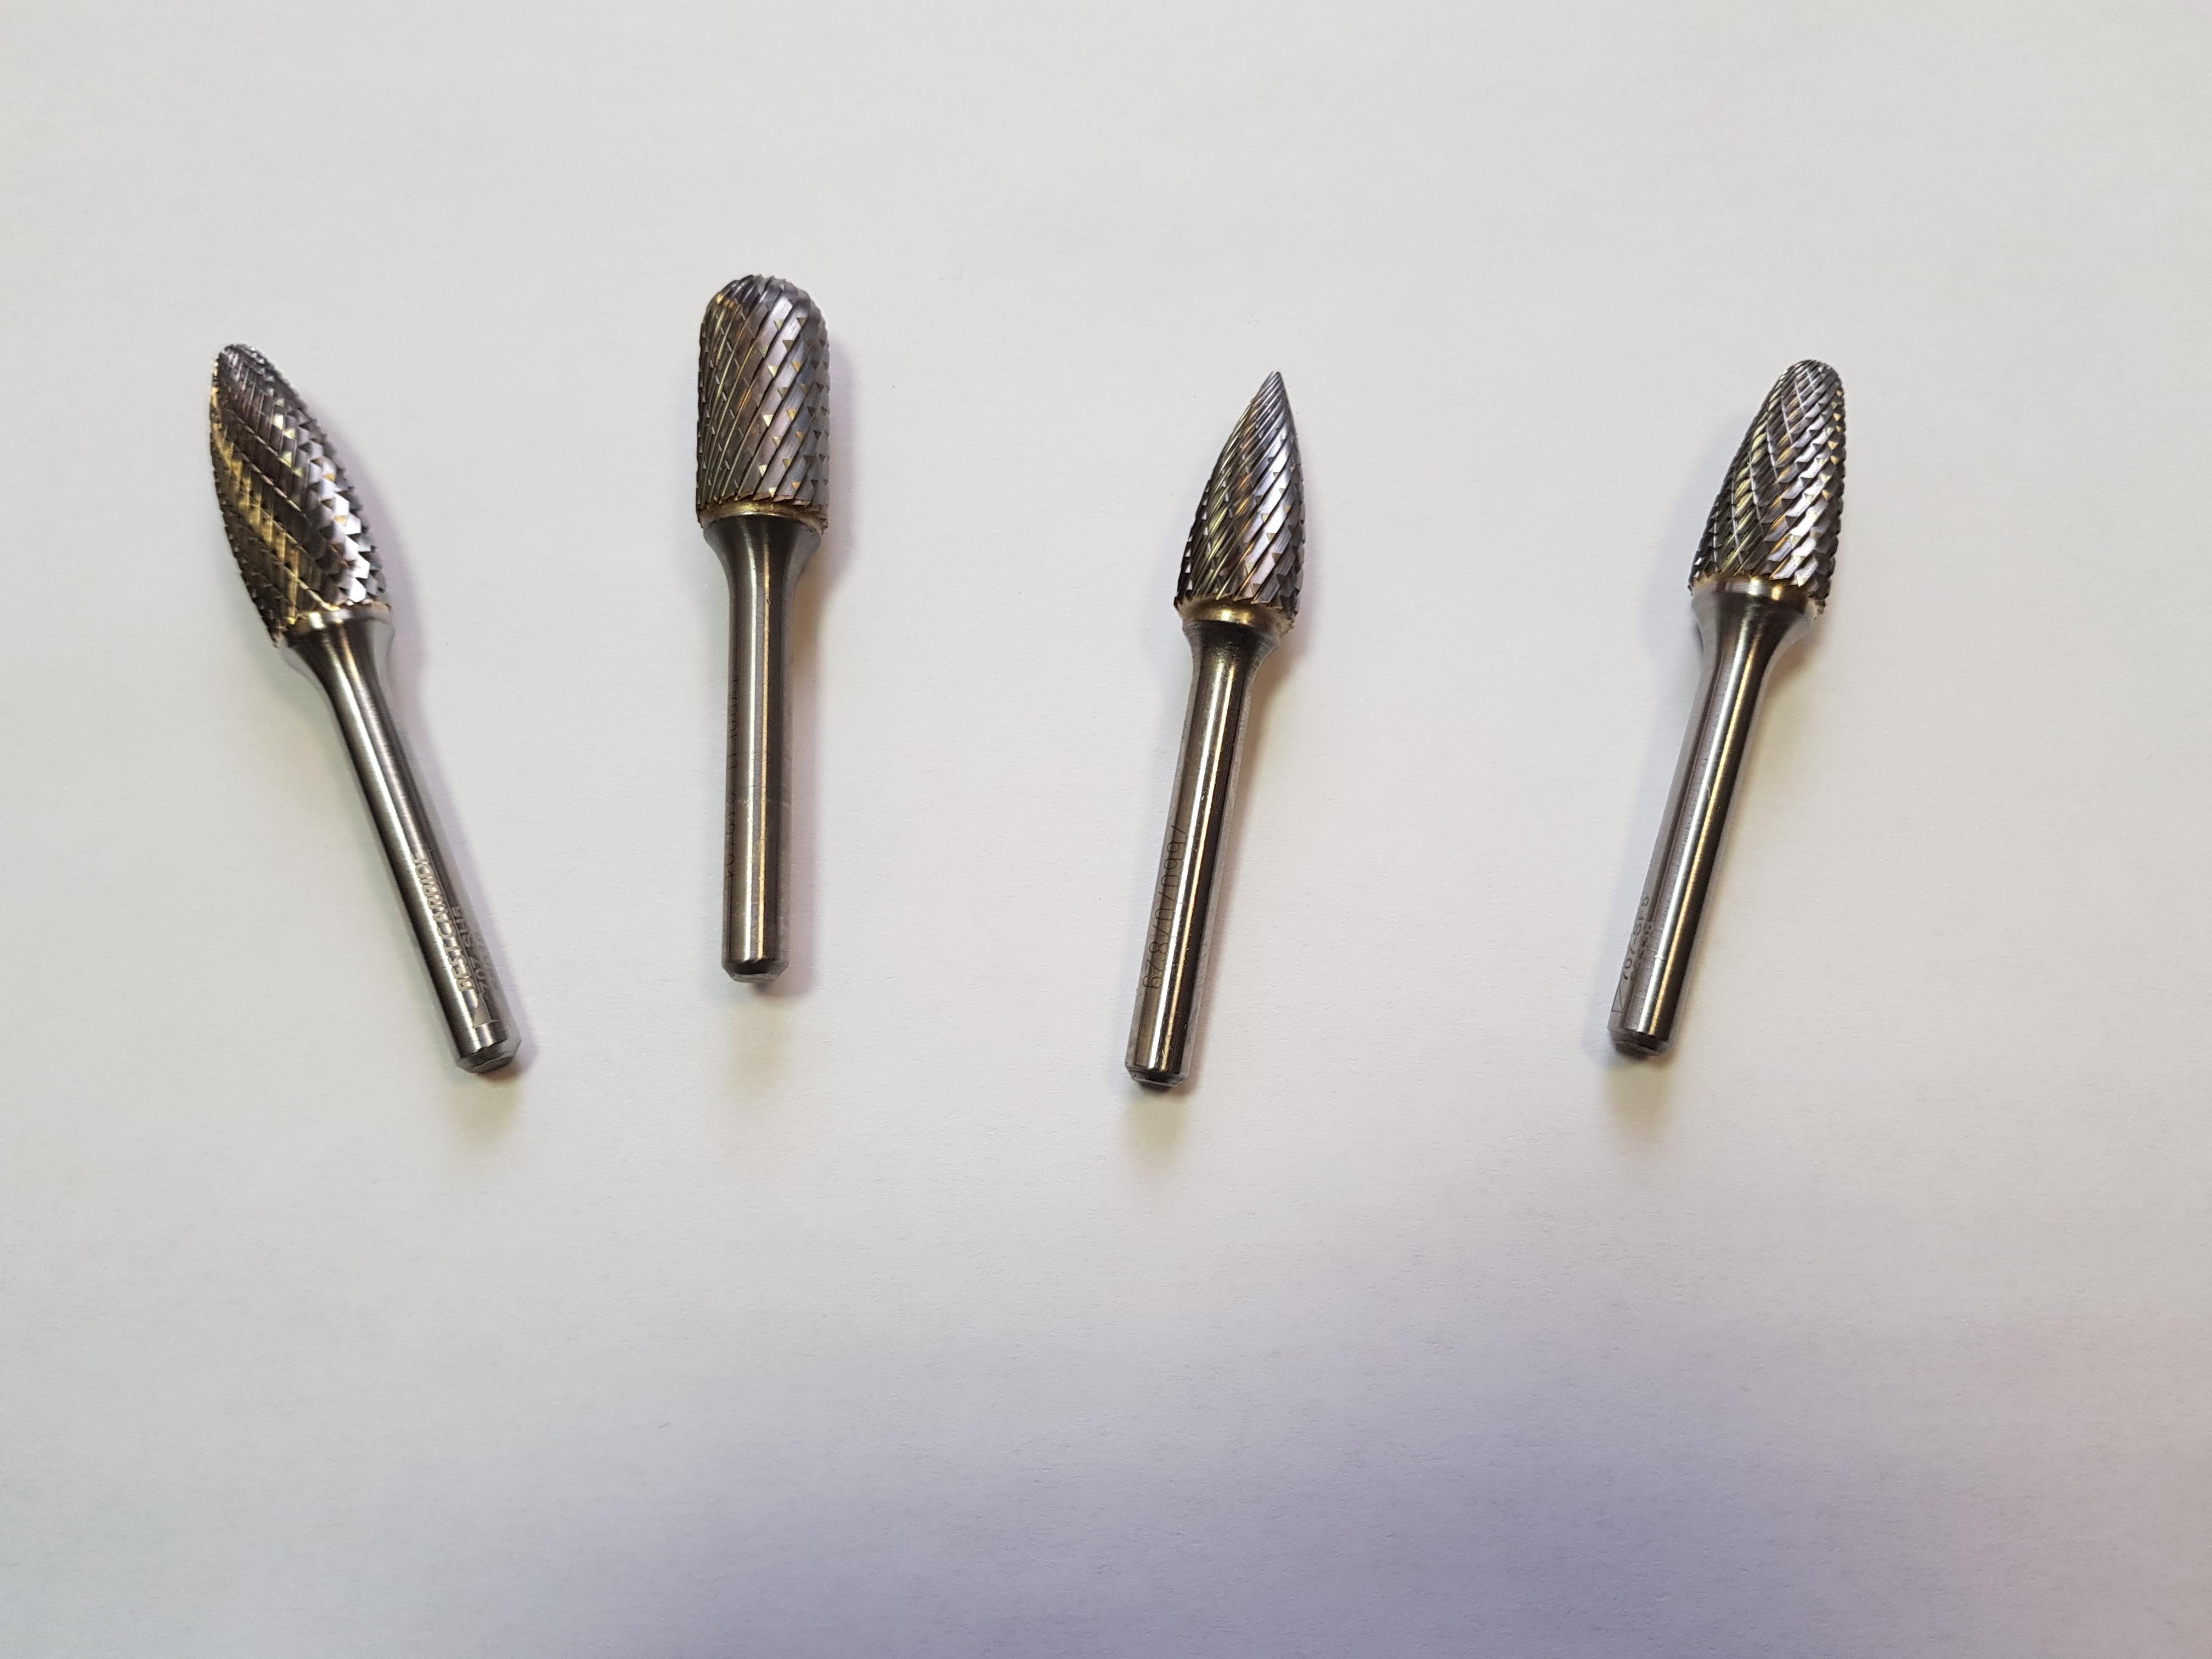 Шарошки по металлу для бытовой дрели: виды и особенности применения